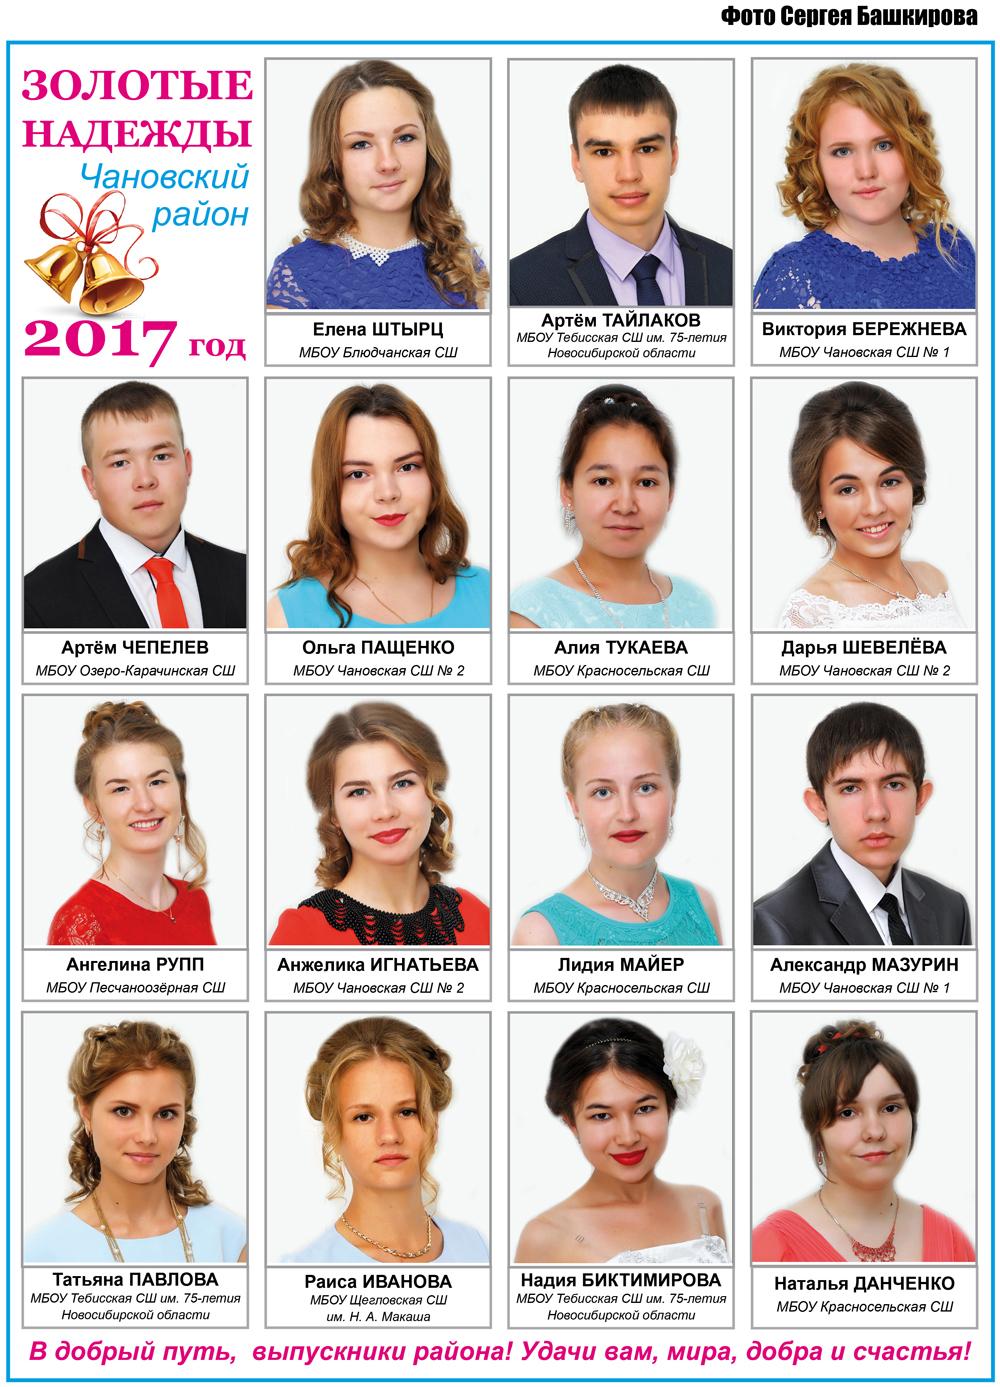 медалисты - 2017